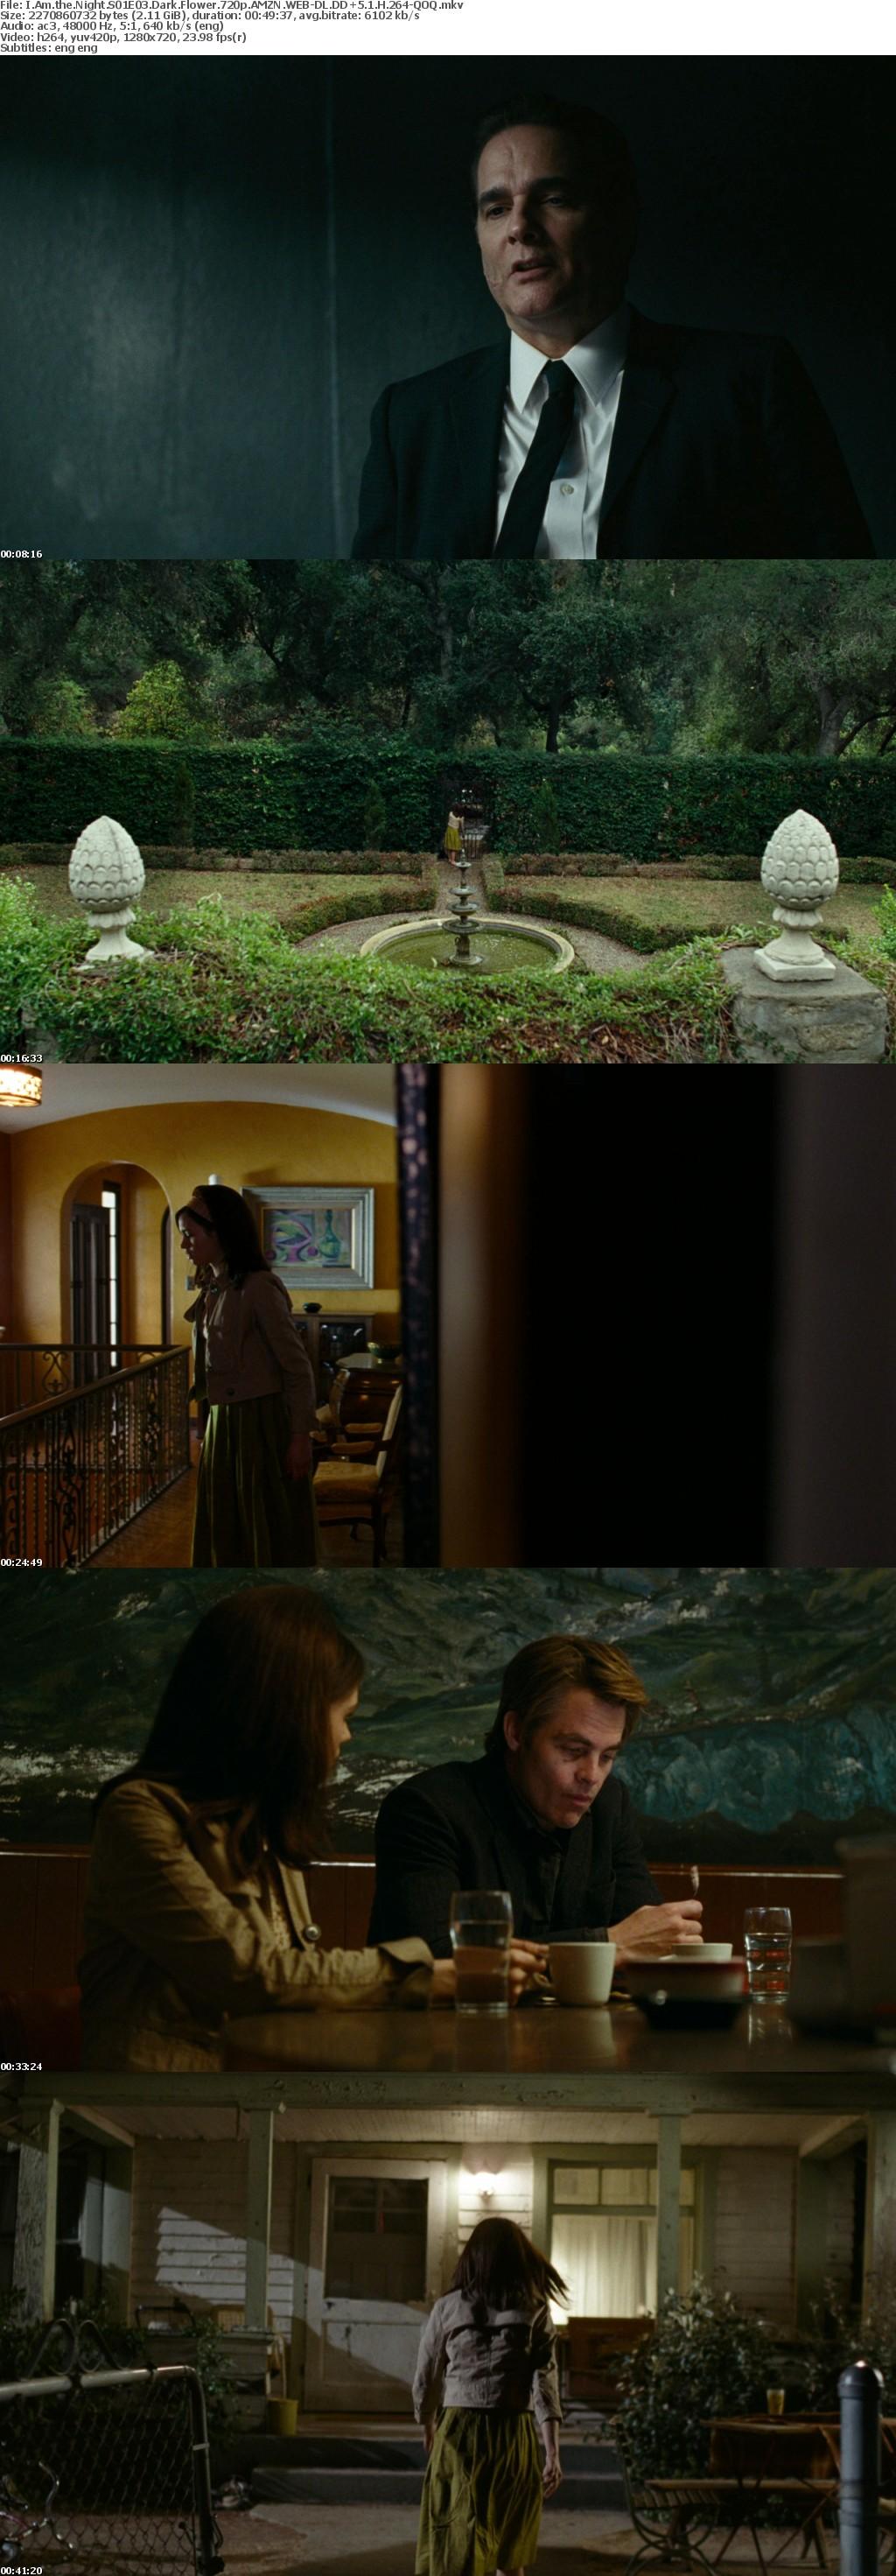 I Am the Night S01E03 Dark Flower 720p AMZN WEB-DL DD+5 1 H 264-QOQ